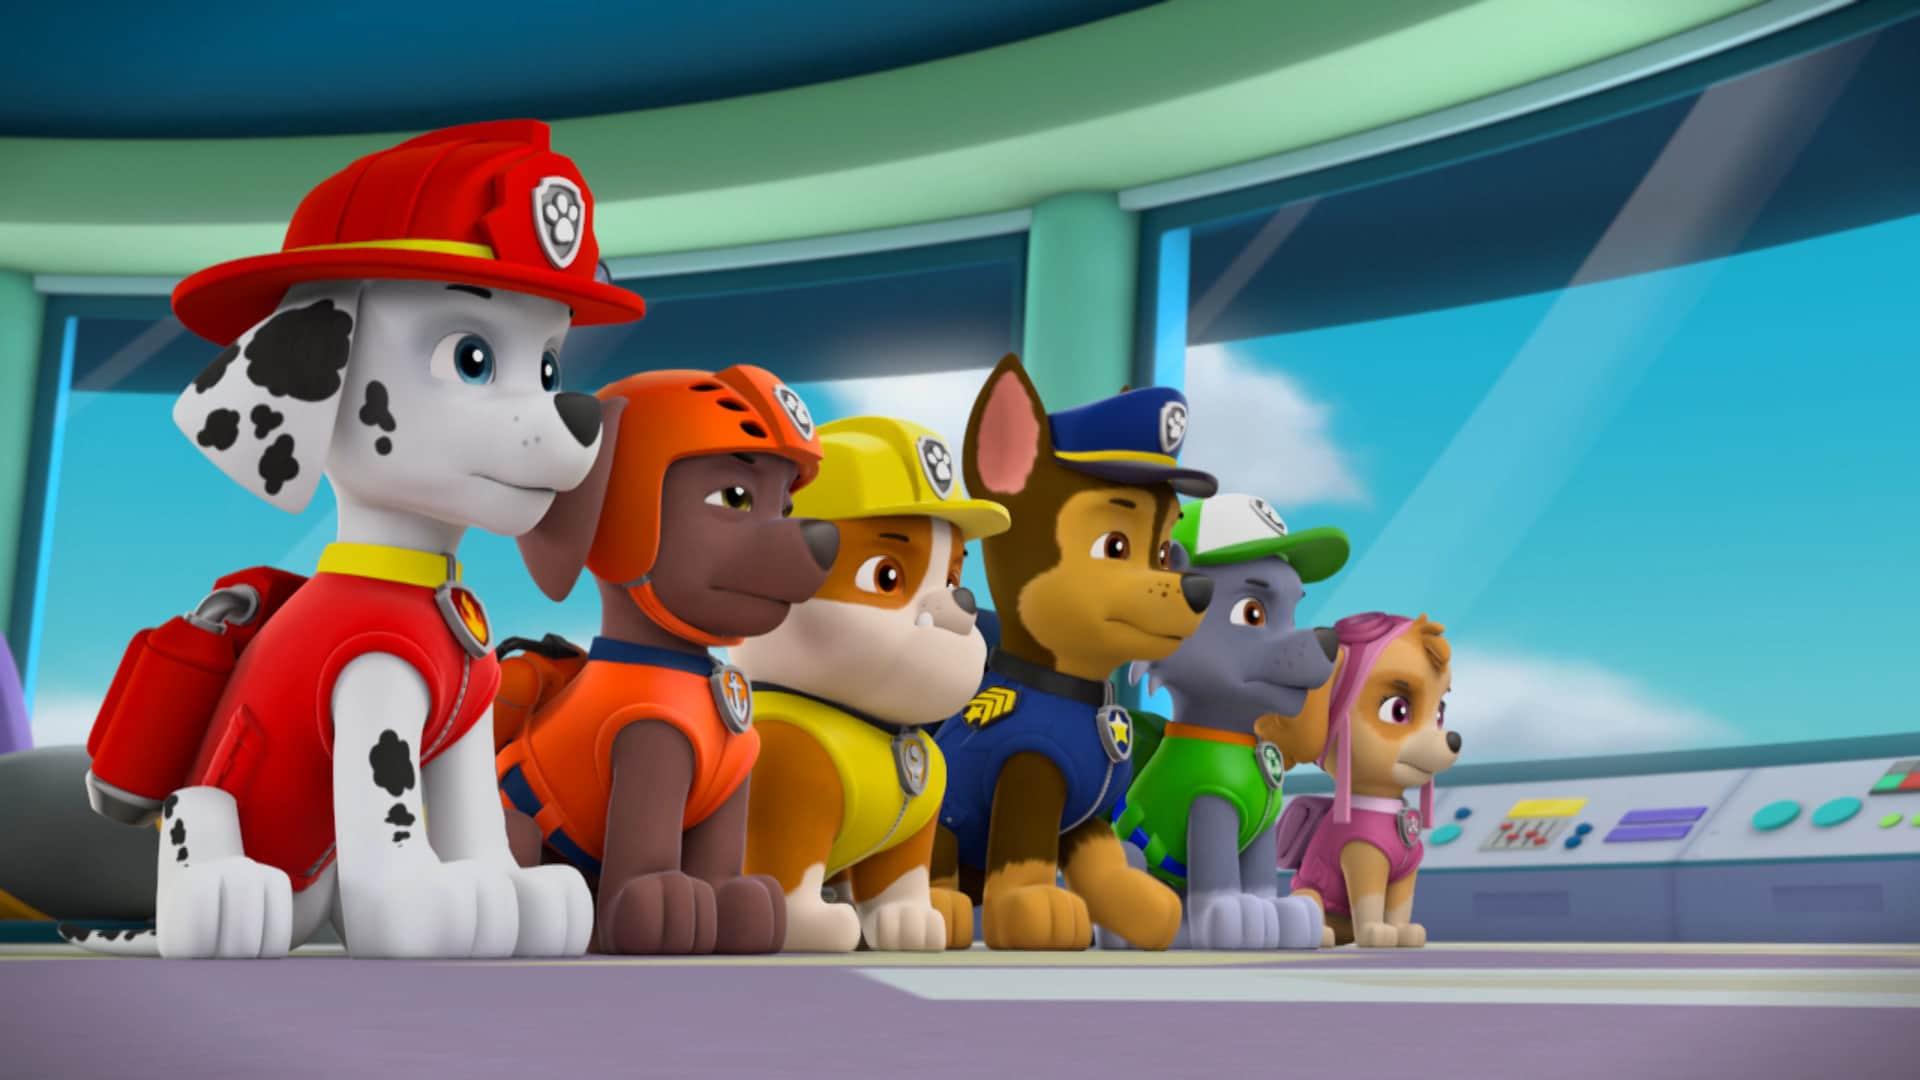 Le avventure dei cuccioli di Paw Patrol al cinema dal 22 dicembre all'8 gennaio